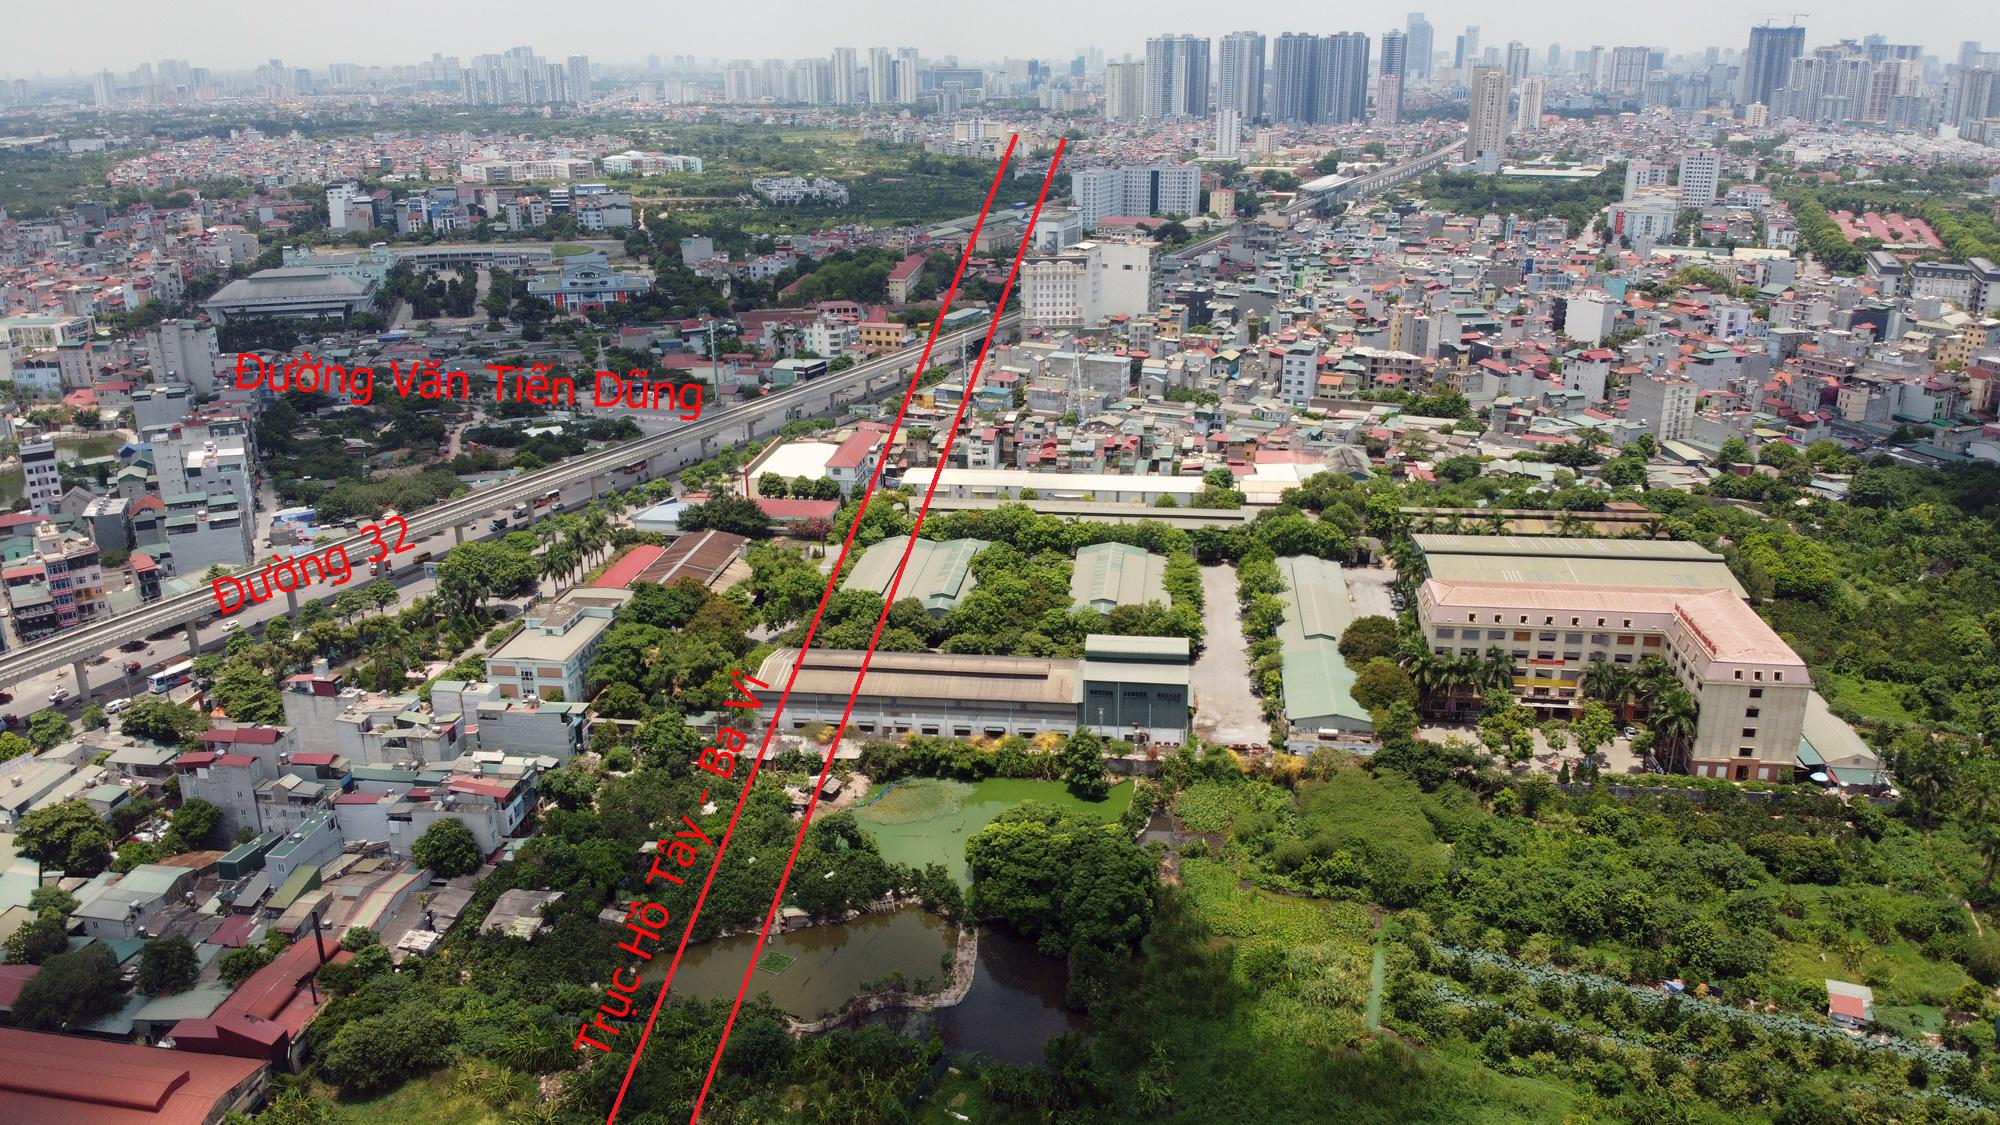 Đường sẽ mở theo qui hoạch ở Hà Nội: Toàn cảnh trục Hồ Tây - Ba Vì đến Vành đai 4 - Ảnh 19.